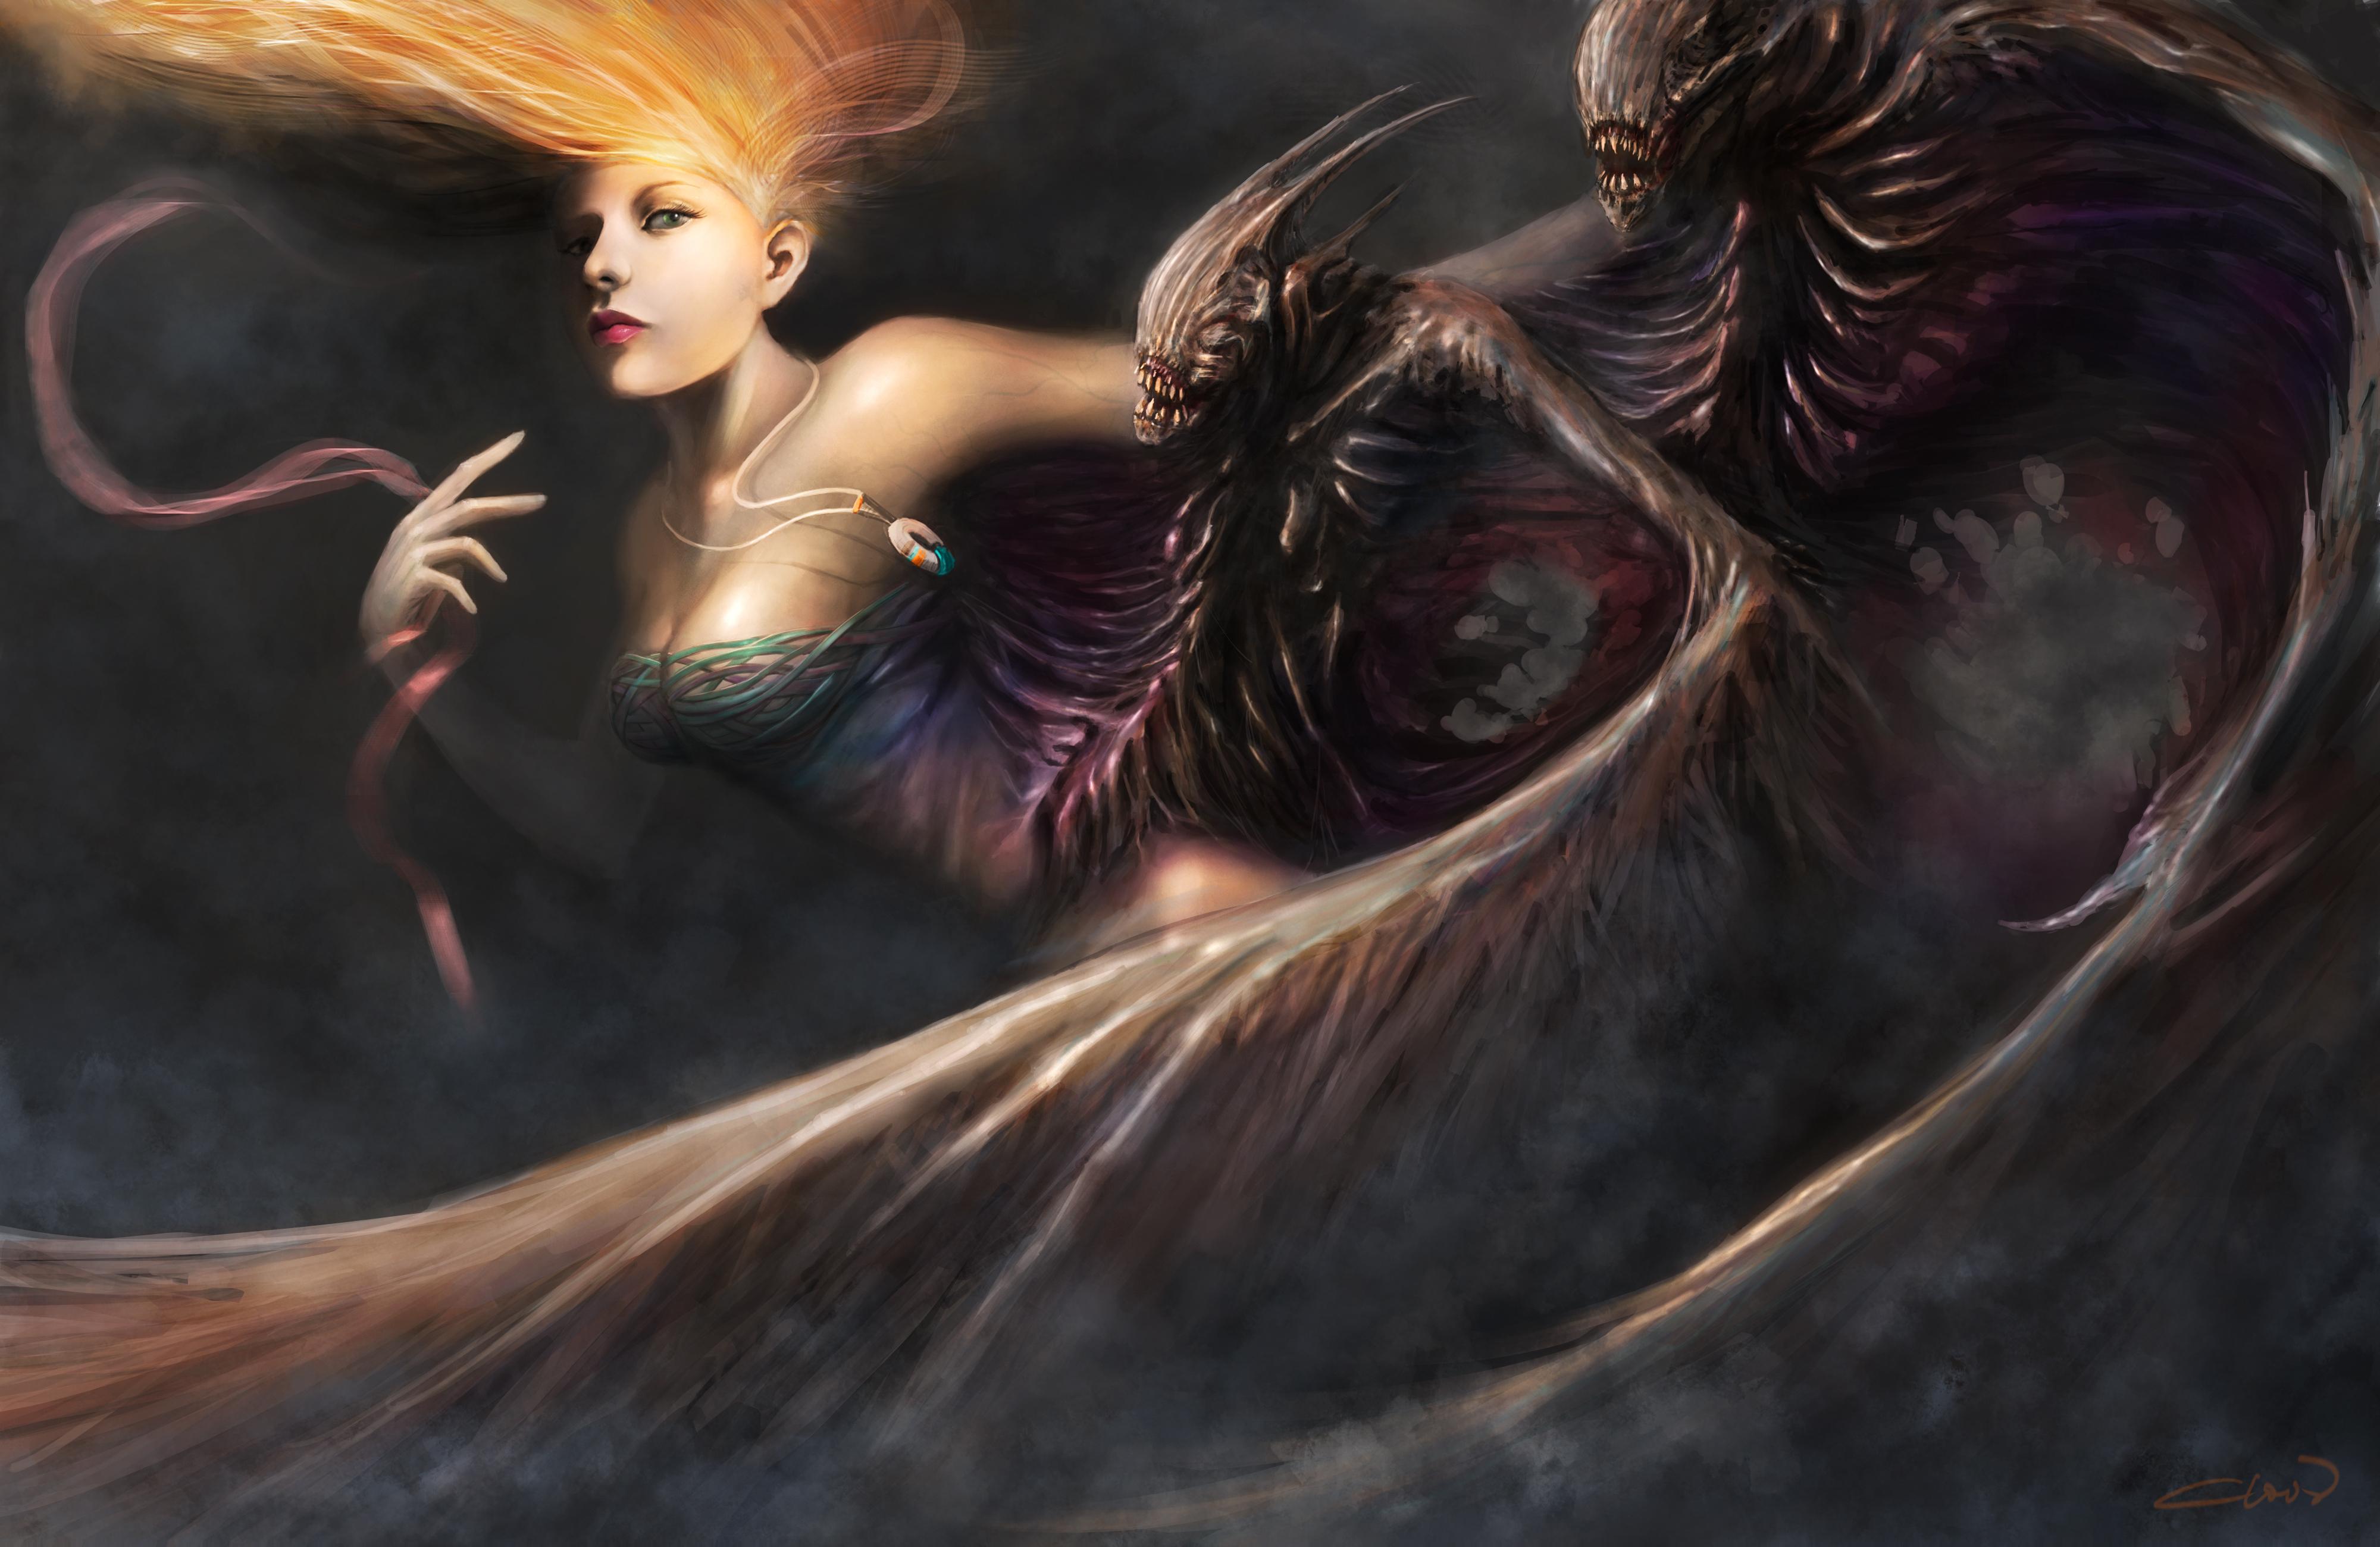 фантастика демон крылья загрузить